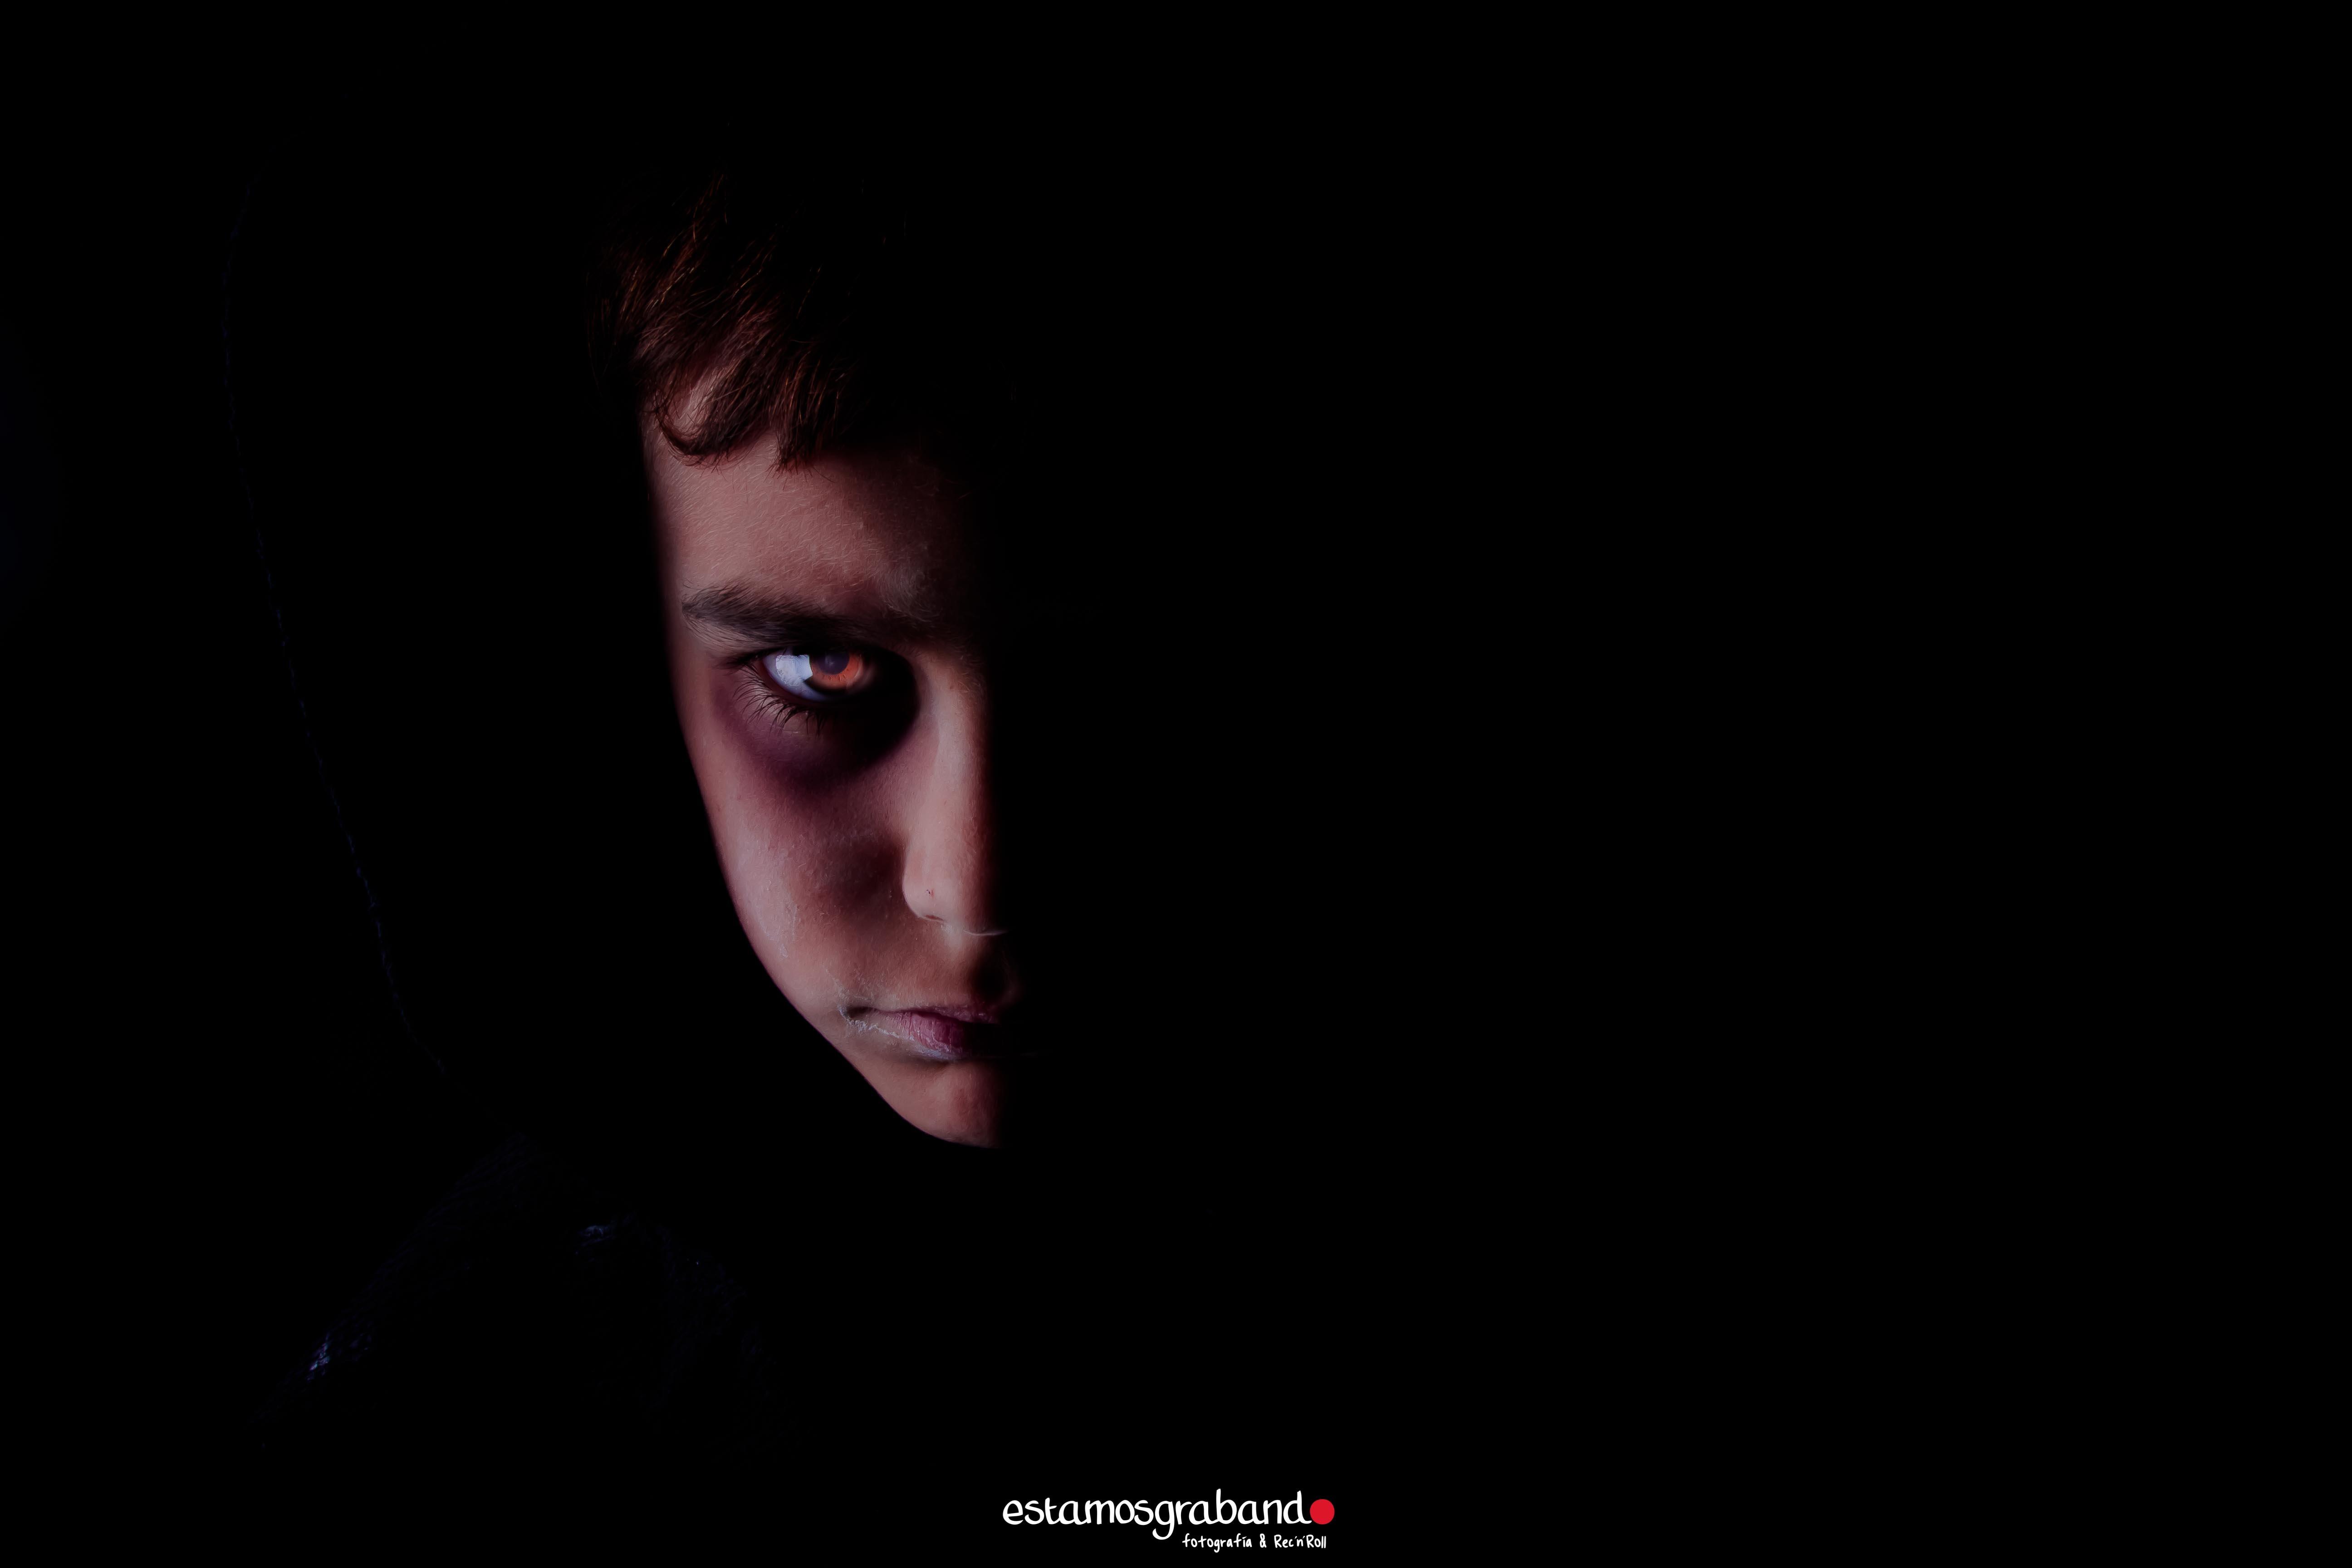 Halloween_estamosgrabando-20 Sesiones Terroríficas Volumen I_Fotografía Halloween - video boda cadiz